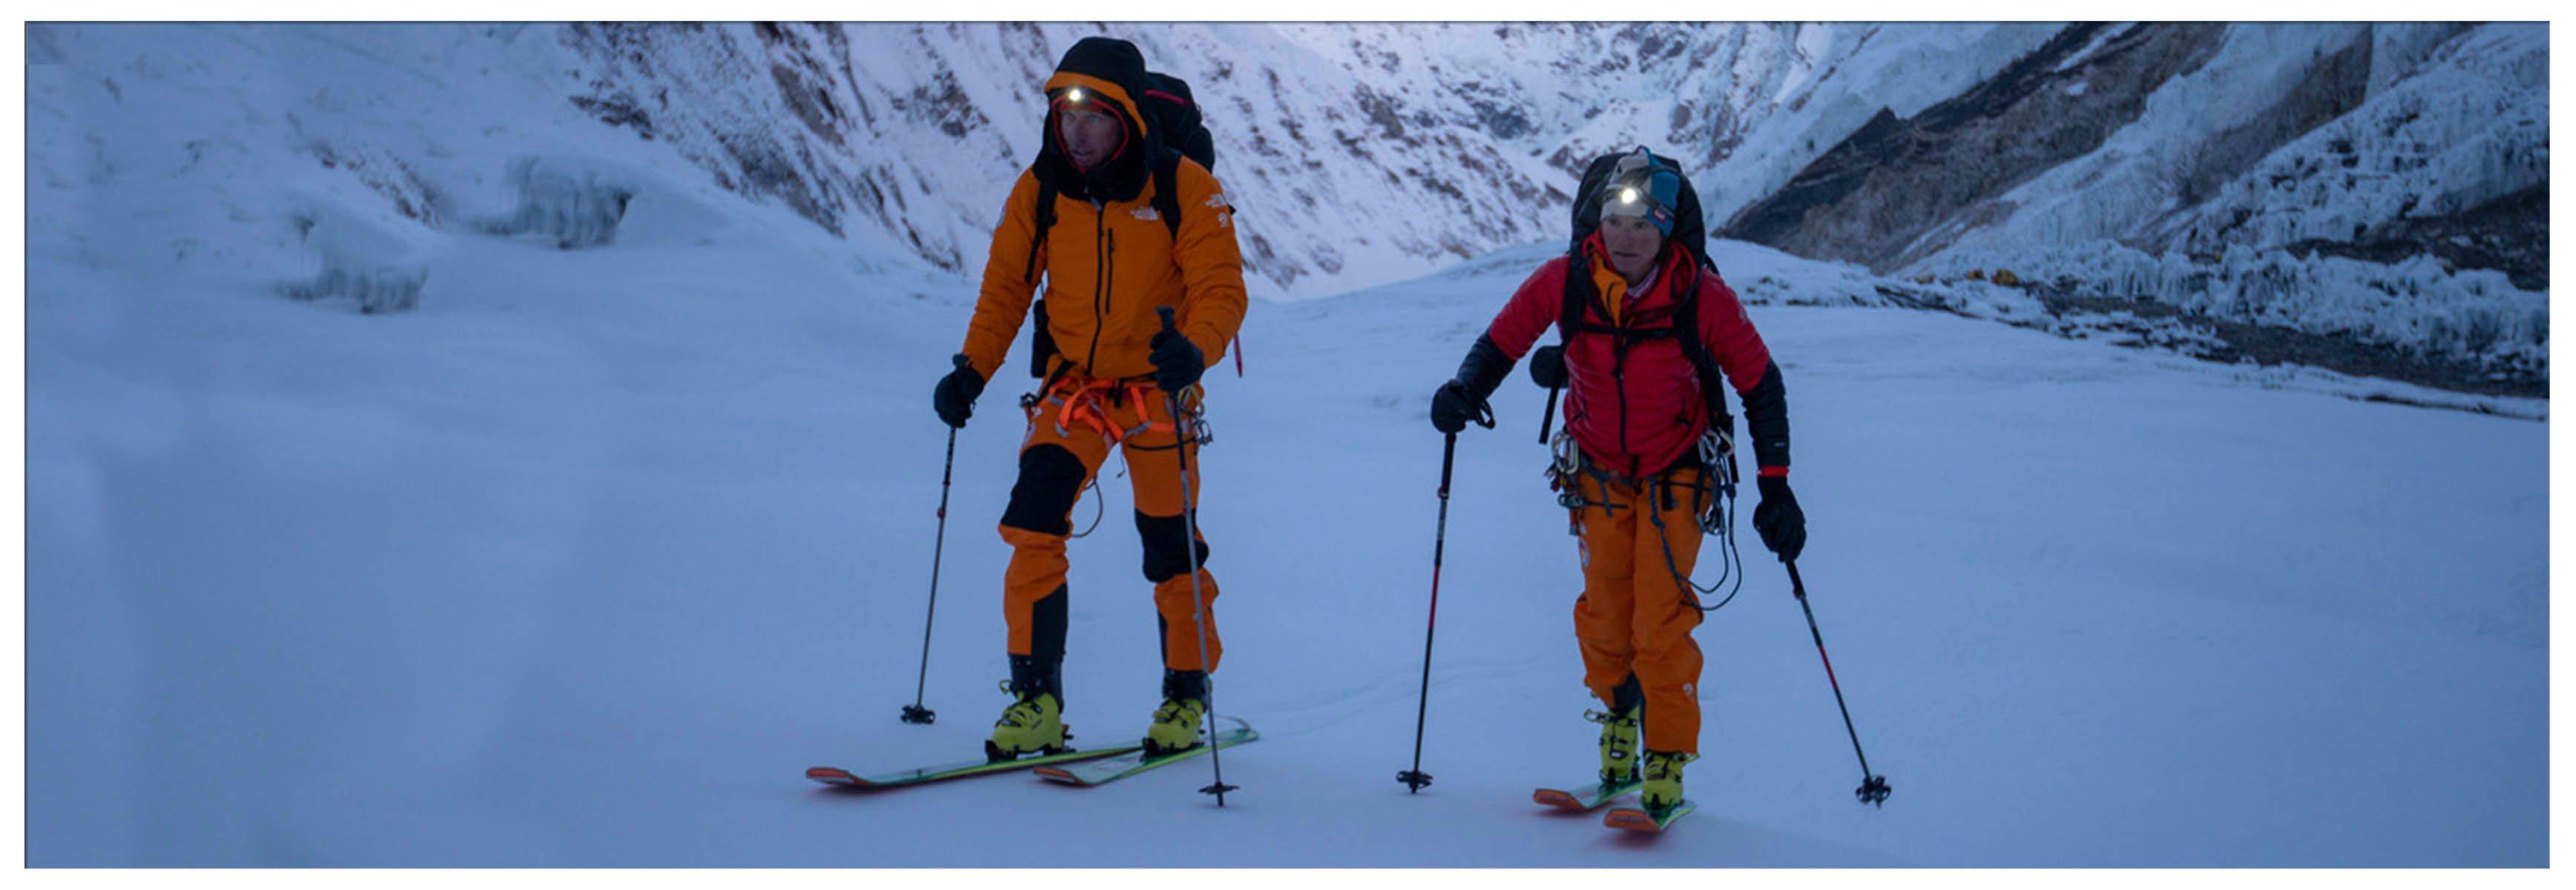 ice-climbers_8